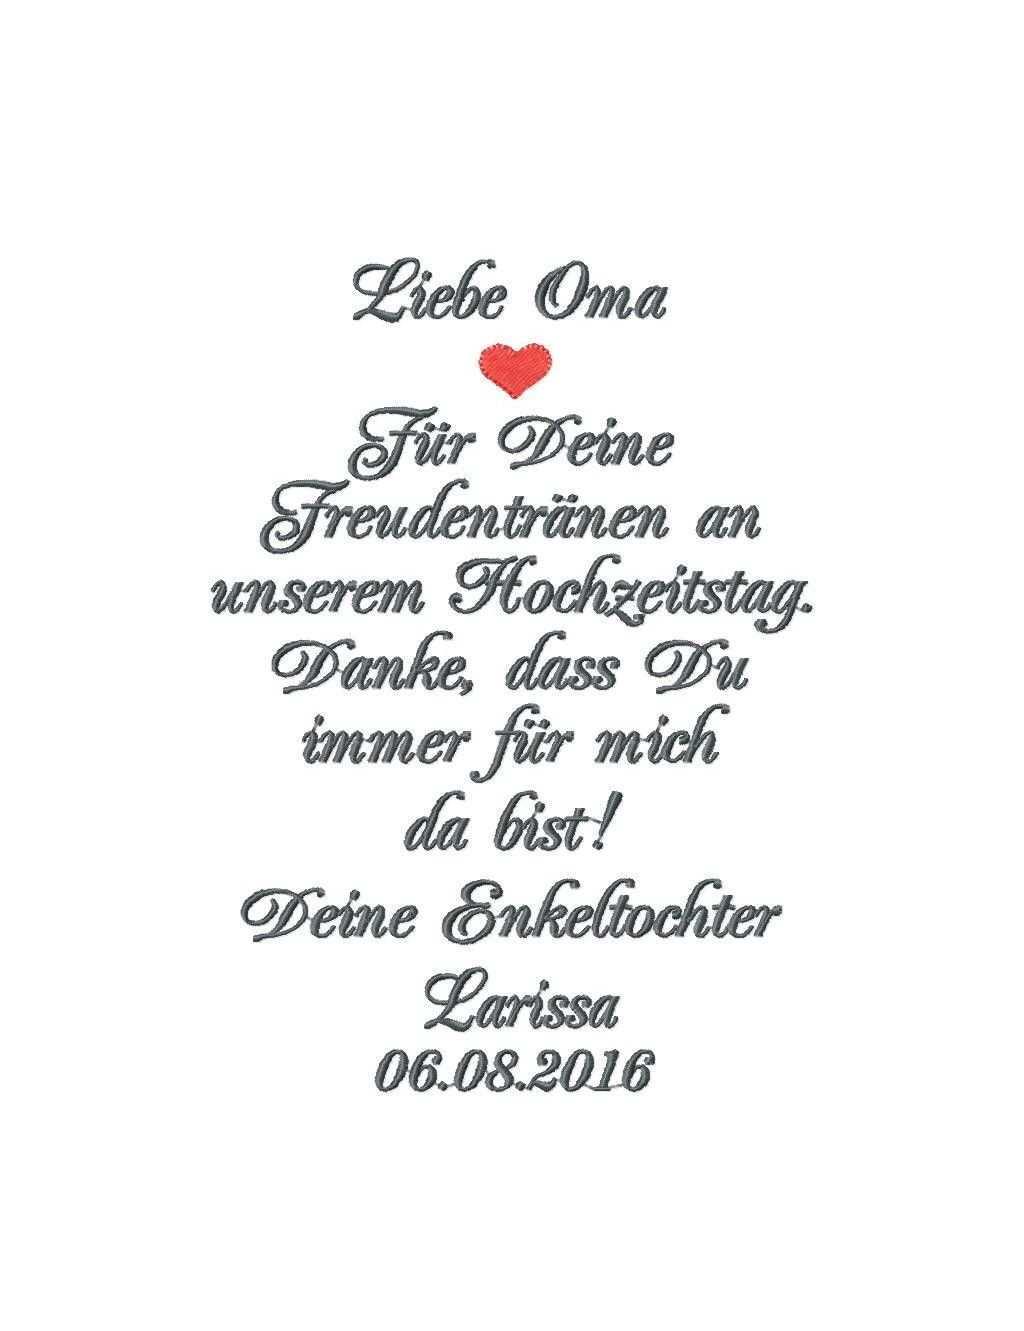 Besticktes Taschentuch Oma Oder Opa Der Braut Mazunikate Taschentucher Braut Besticken